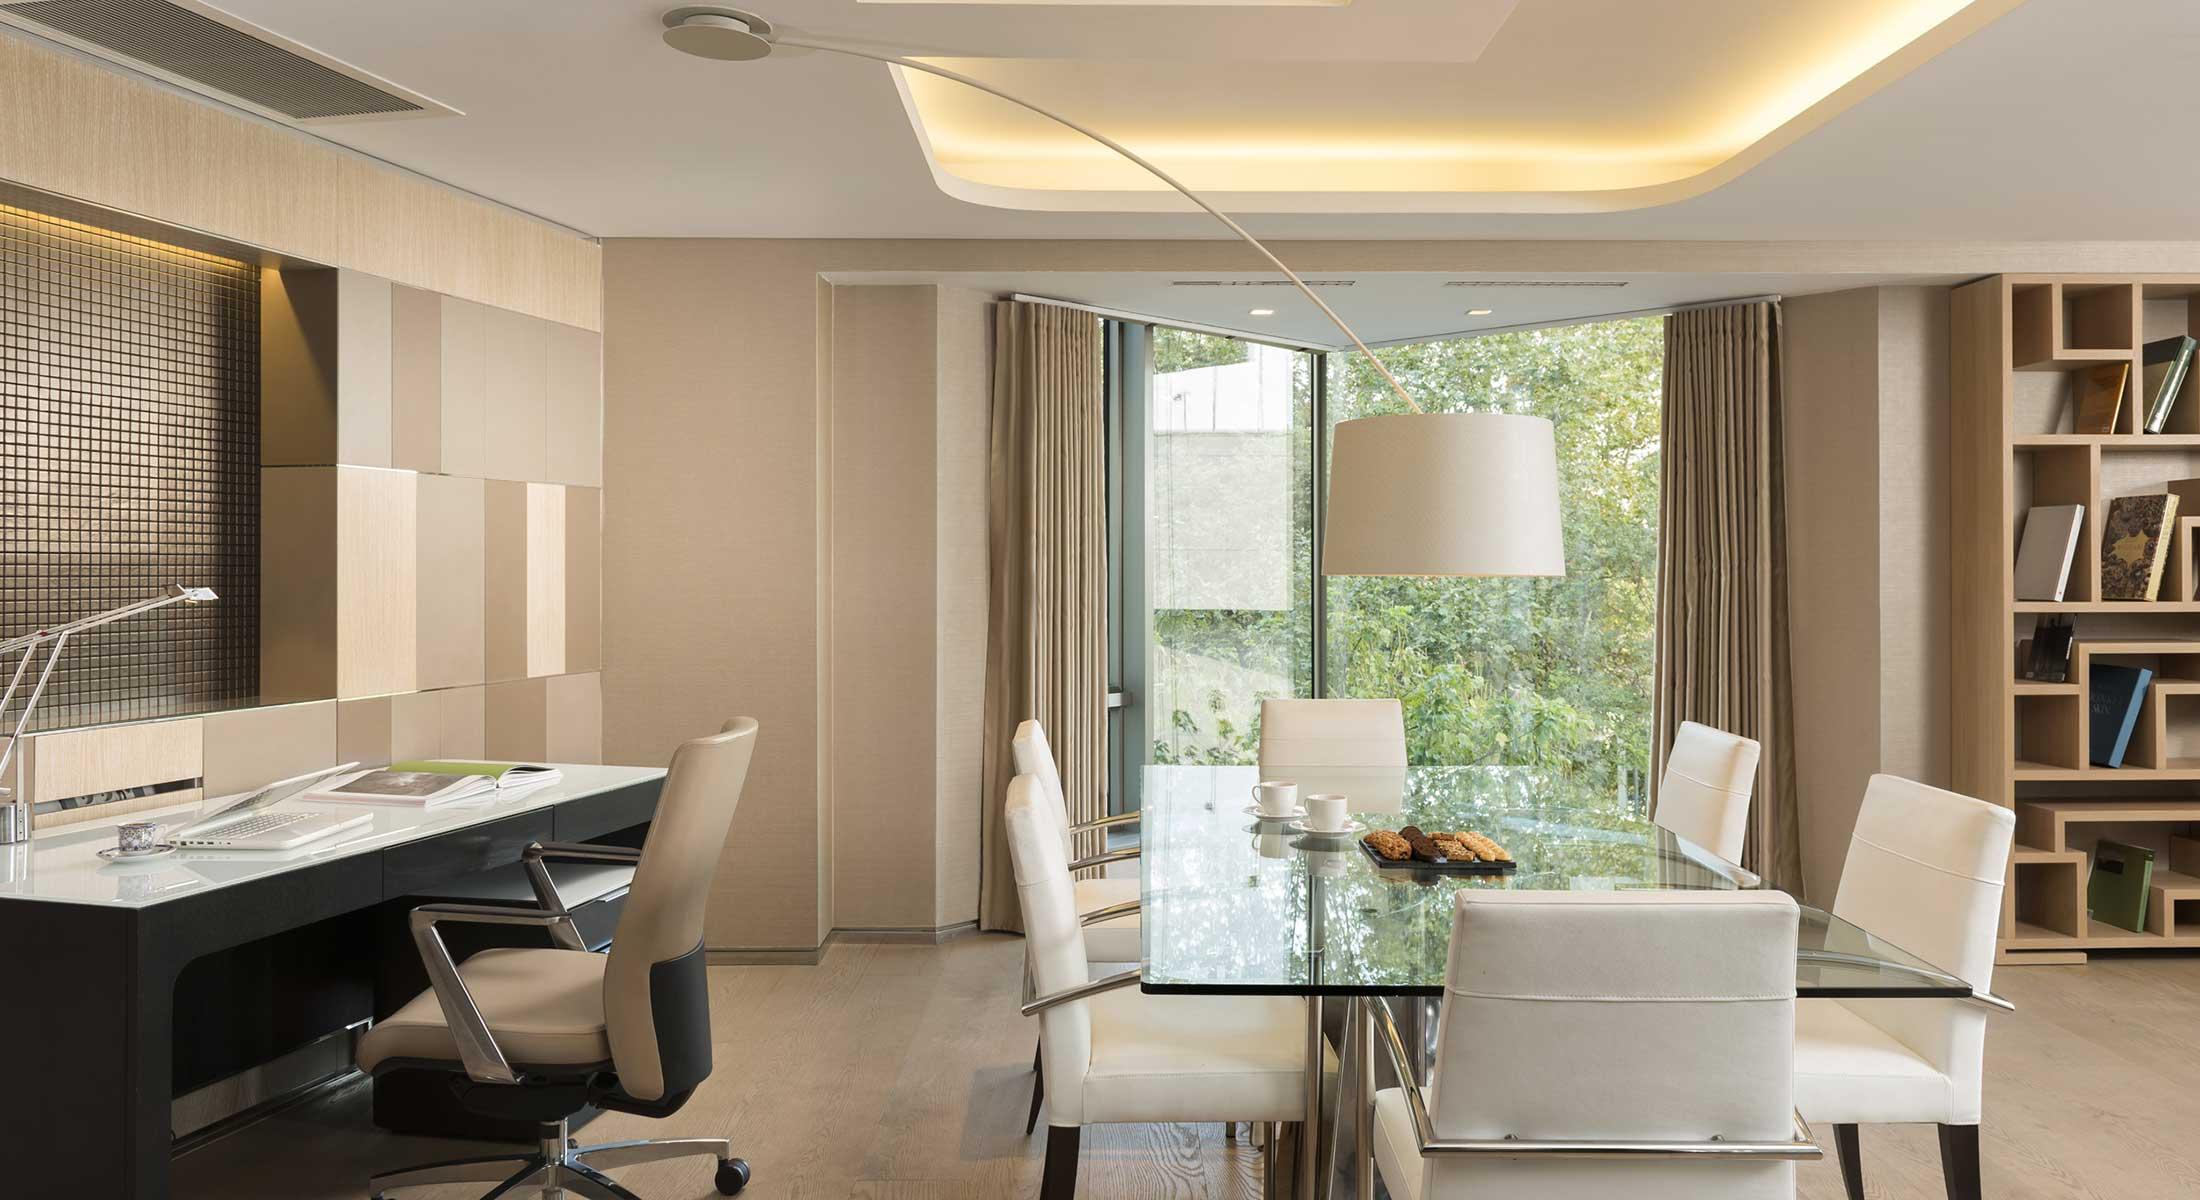 residence-3-bedroom-bosphorus-view-corner-5-2